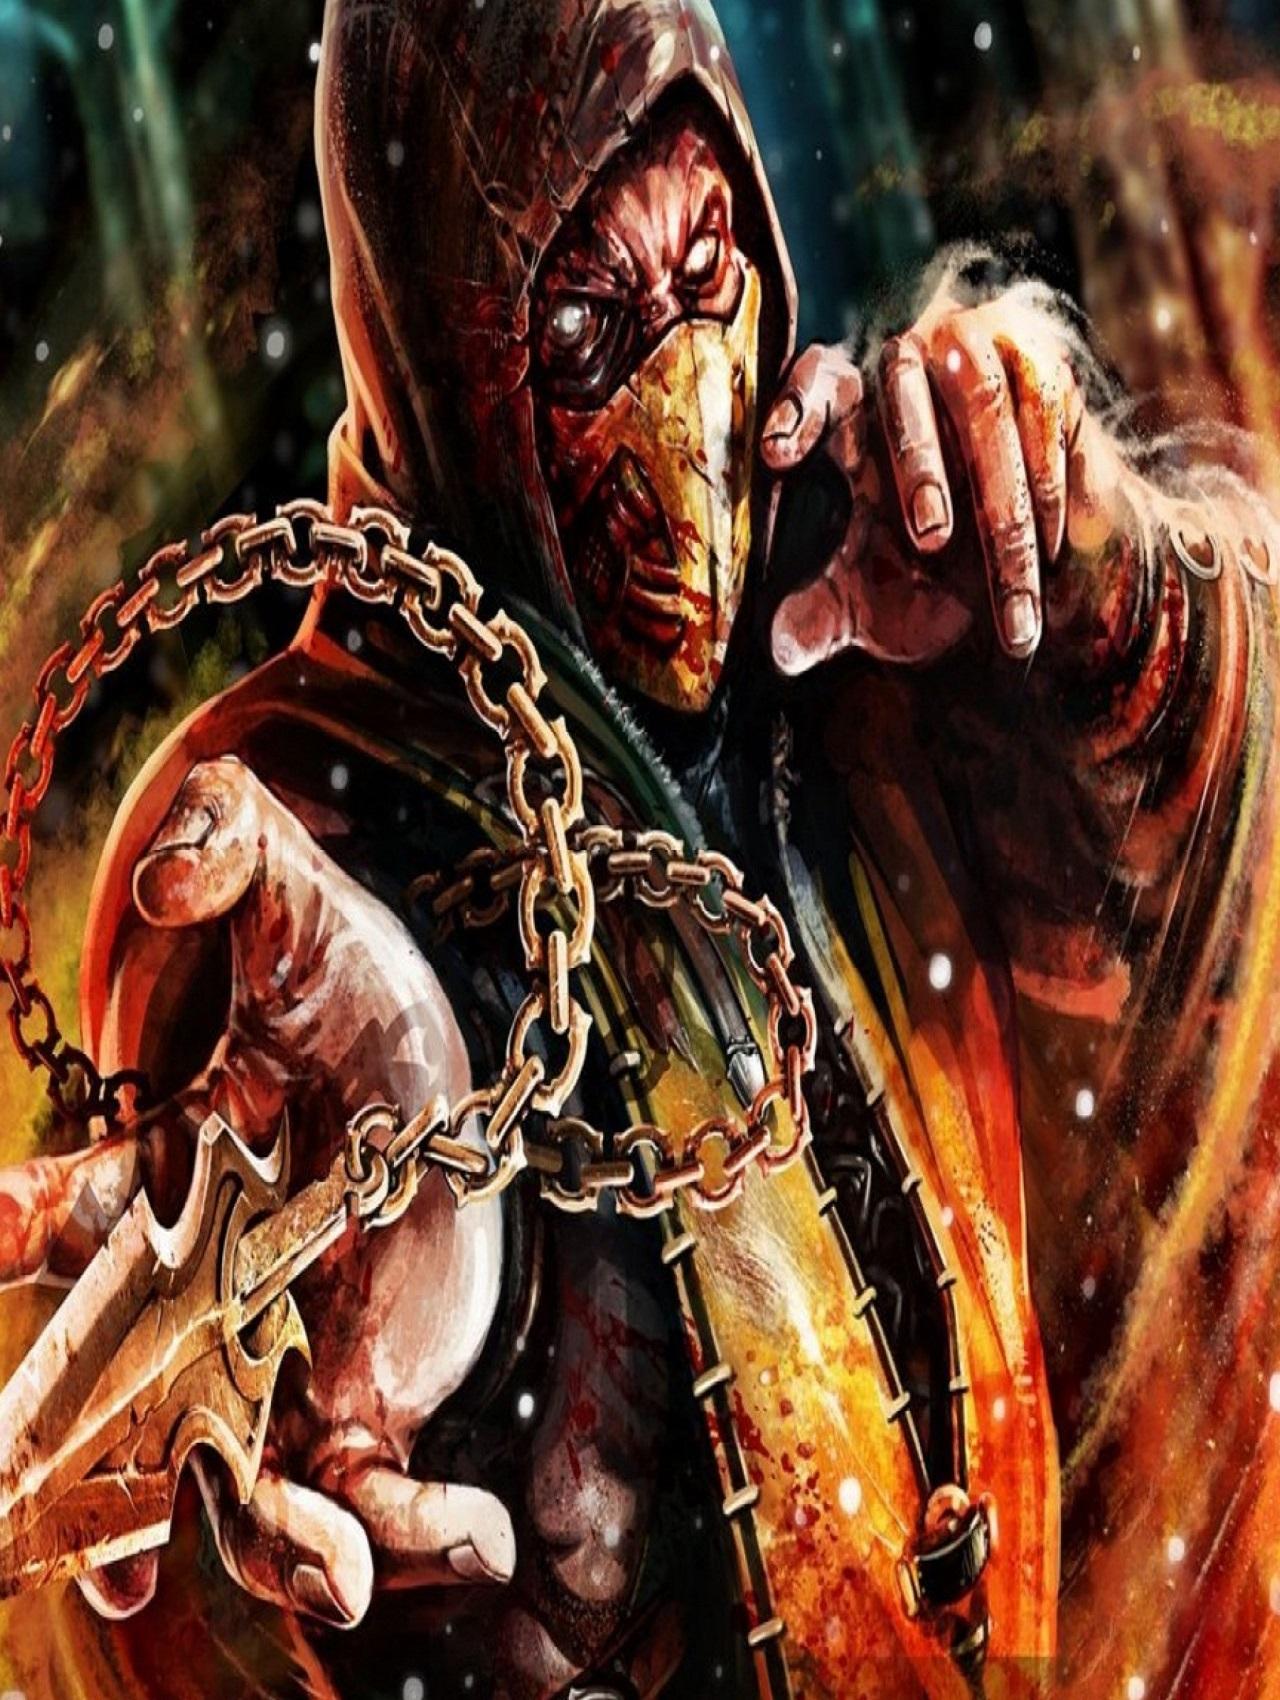 Escorpion seria legal uma historia que ele fosse do bem